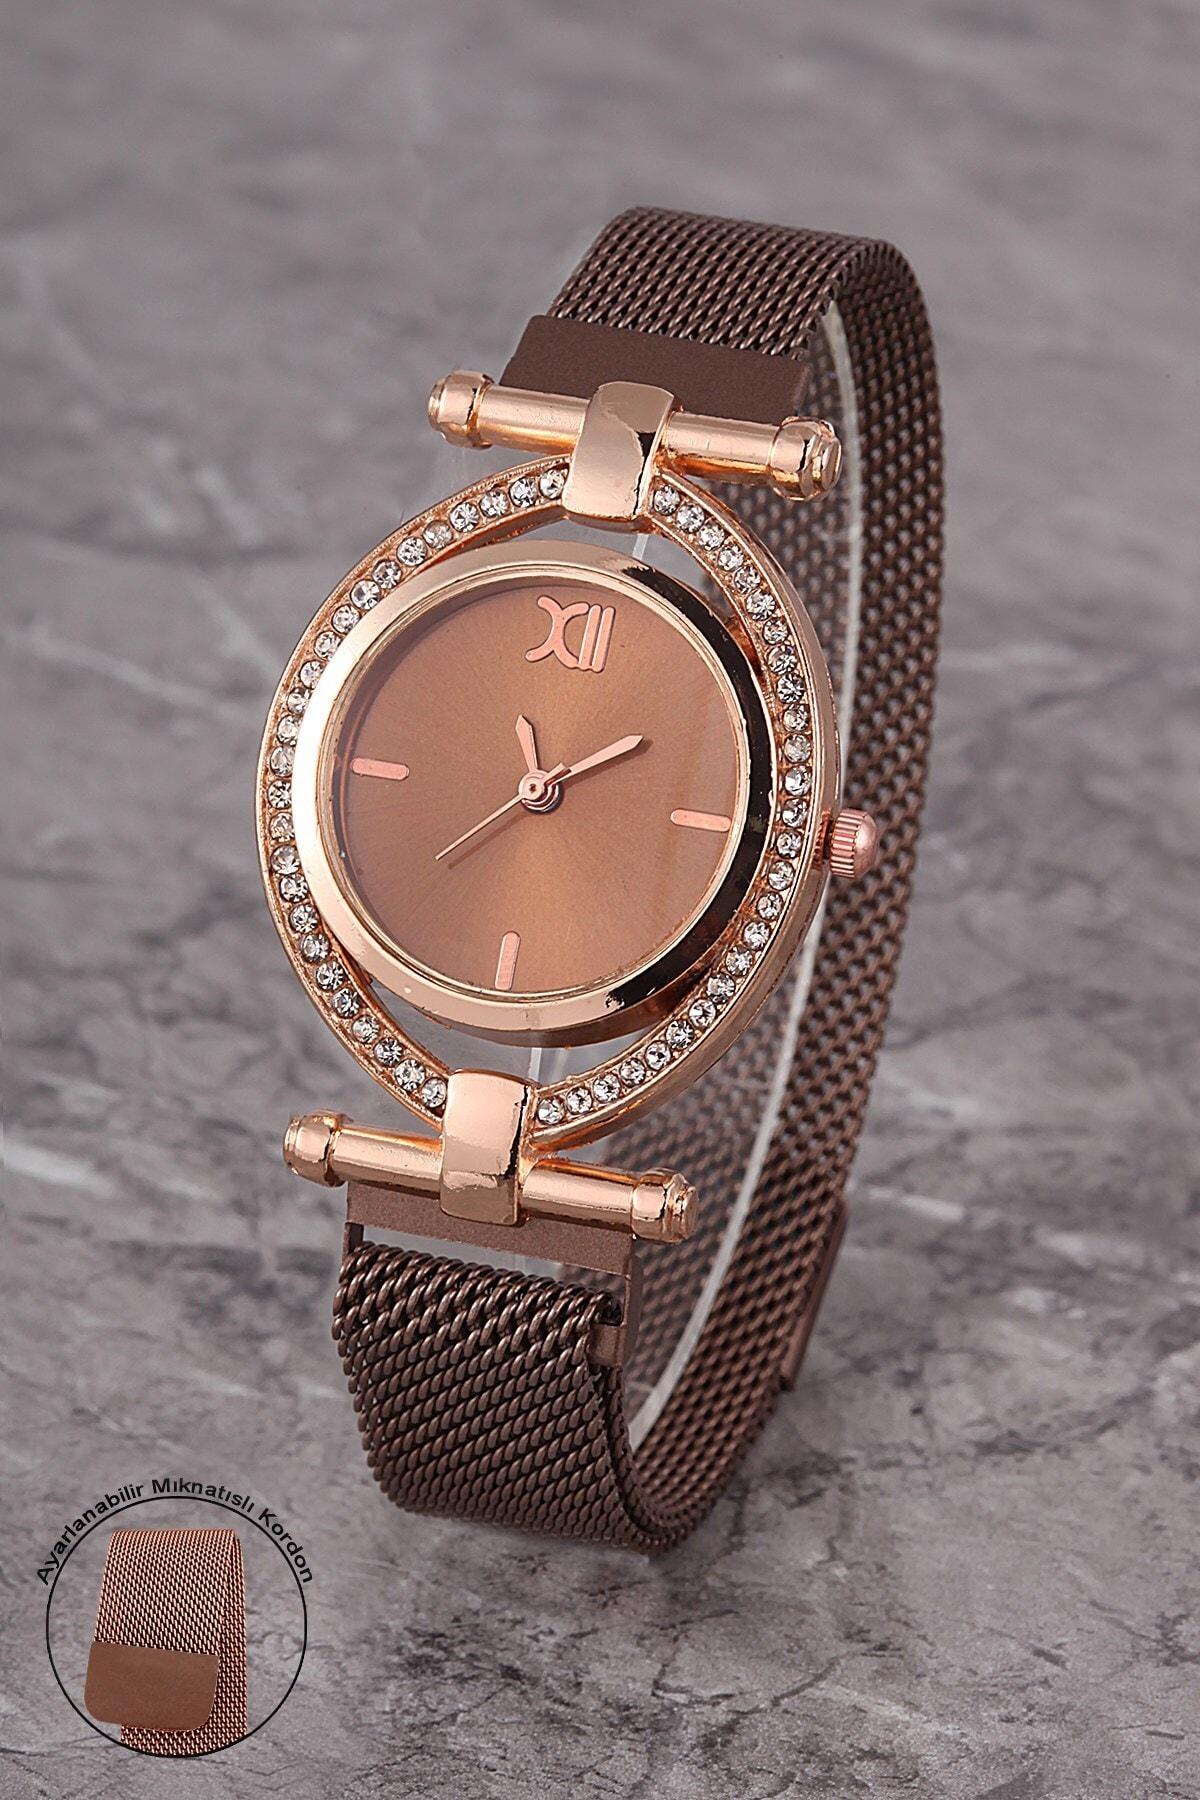 Polo55 Plkhm011r02 Kadın Saat Taşlı Döner Kadran Mıknatıslı Hasır Kordon 1